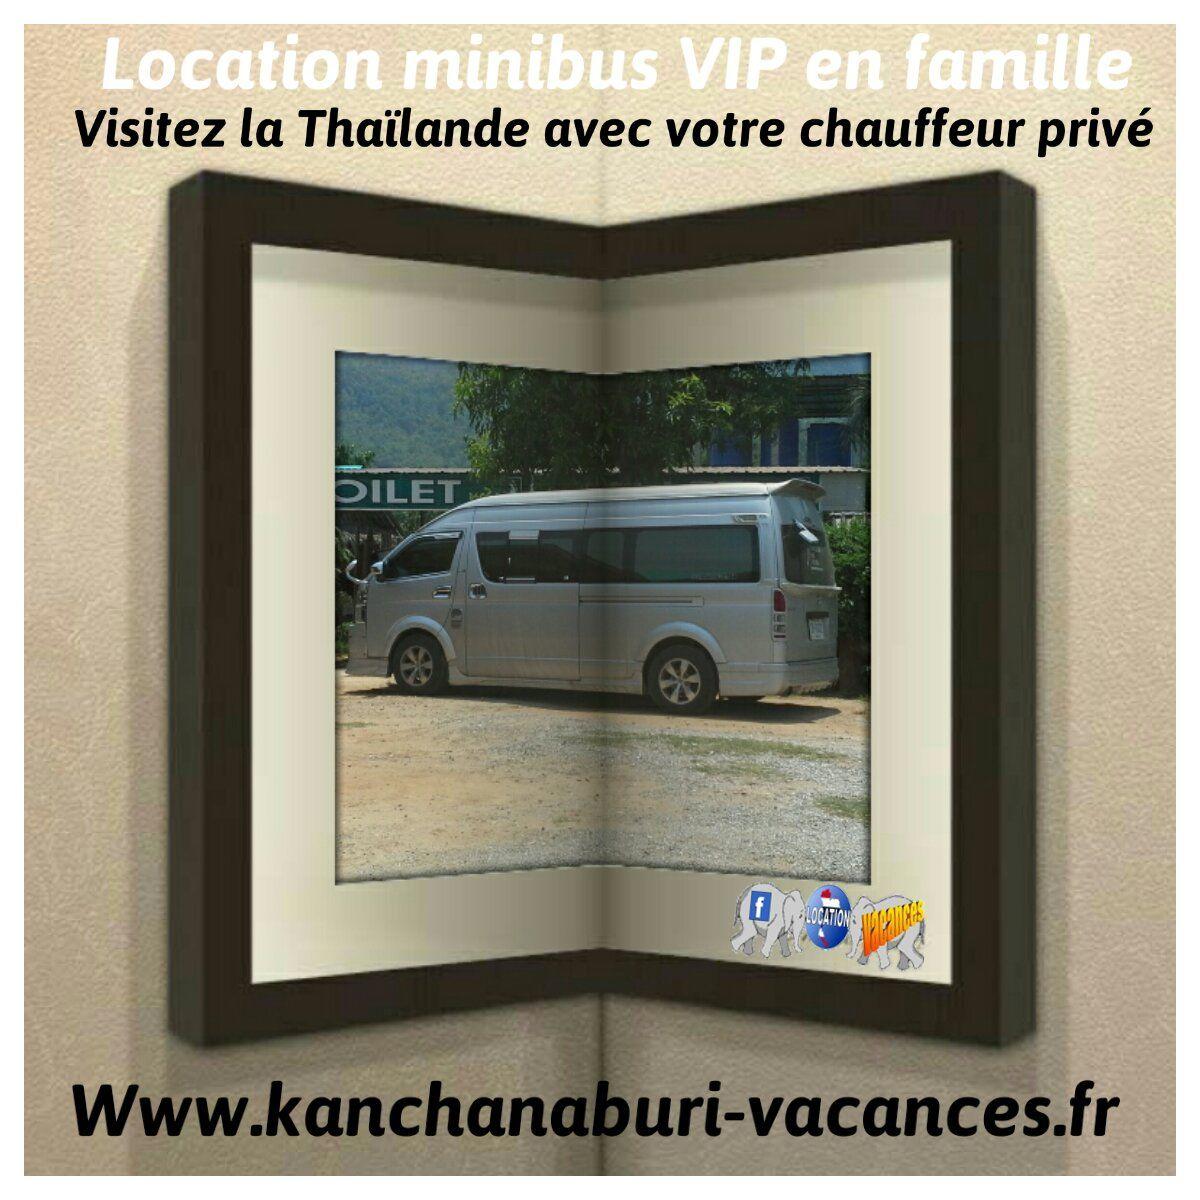 Visiter la #Thaïlande avec votre #chauffeur #privé http://www.kanchanaburi-vacances.fr/accueil.html #Bangkok #voyage #séjour #privé